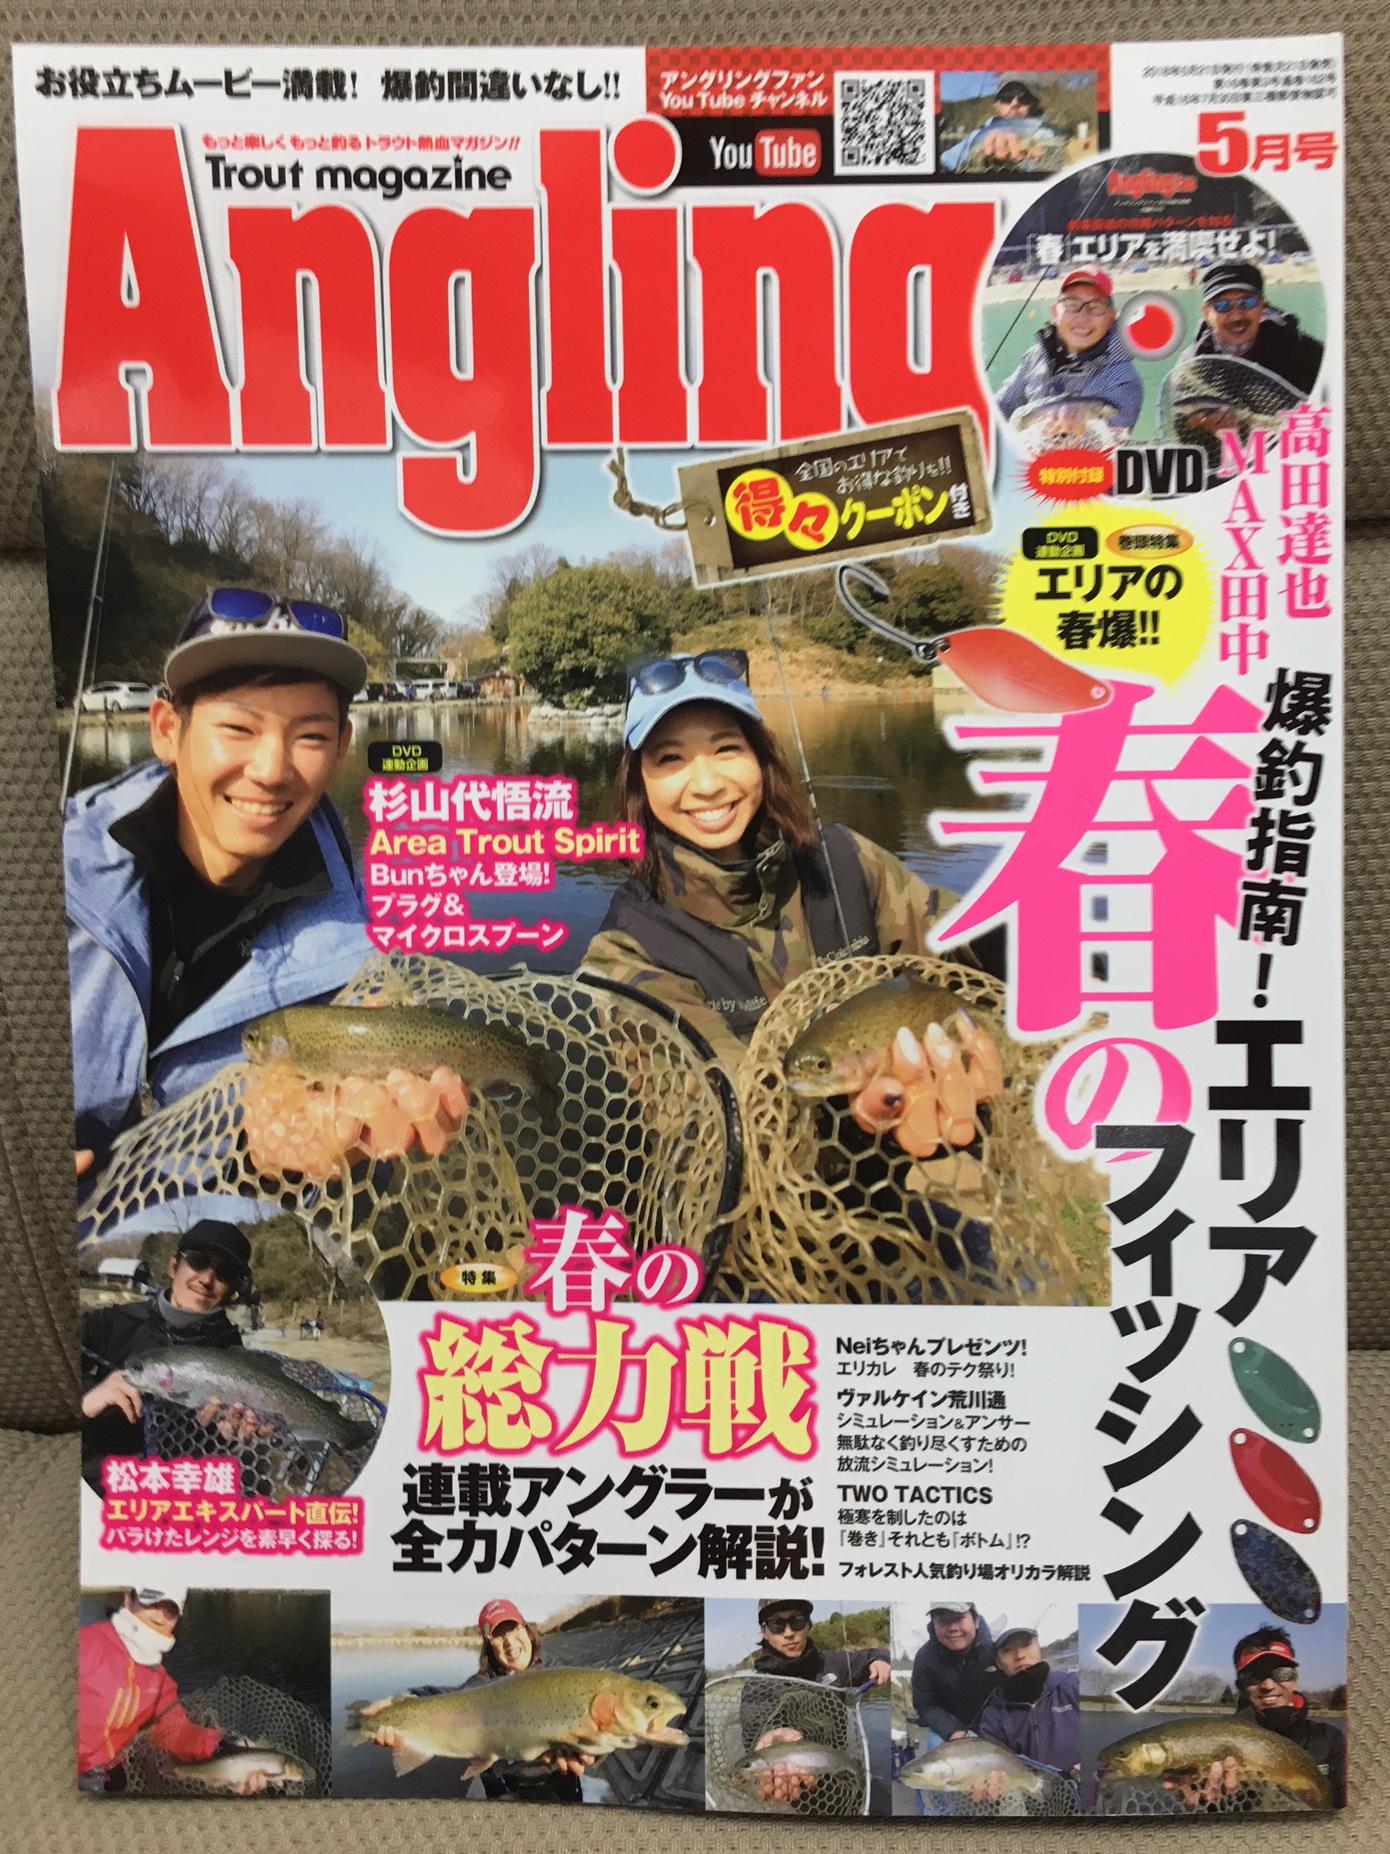 スタッフ千鮎掲載!コスミック出版『アングリングファン5月号』